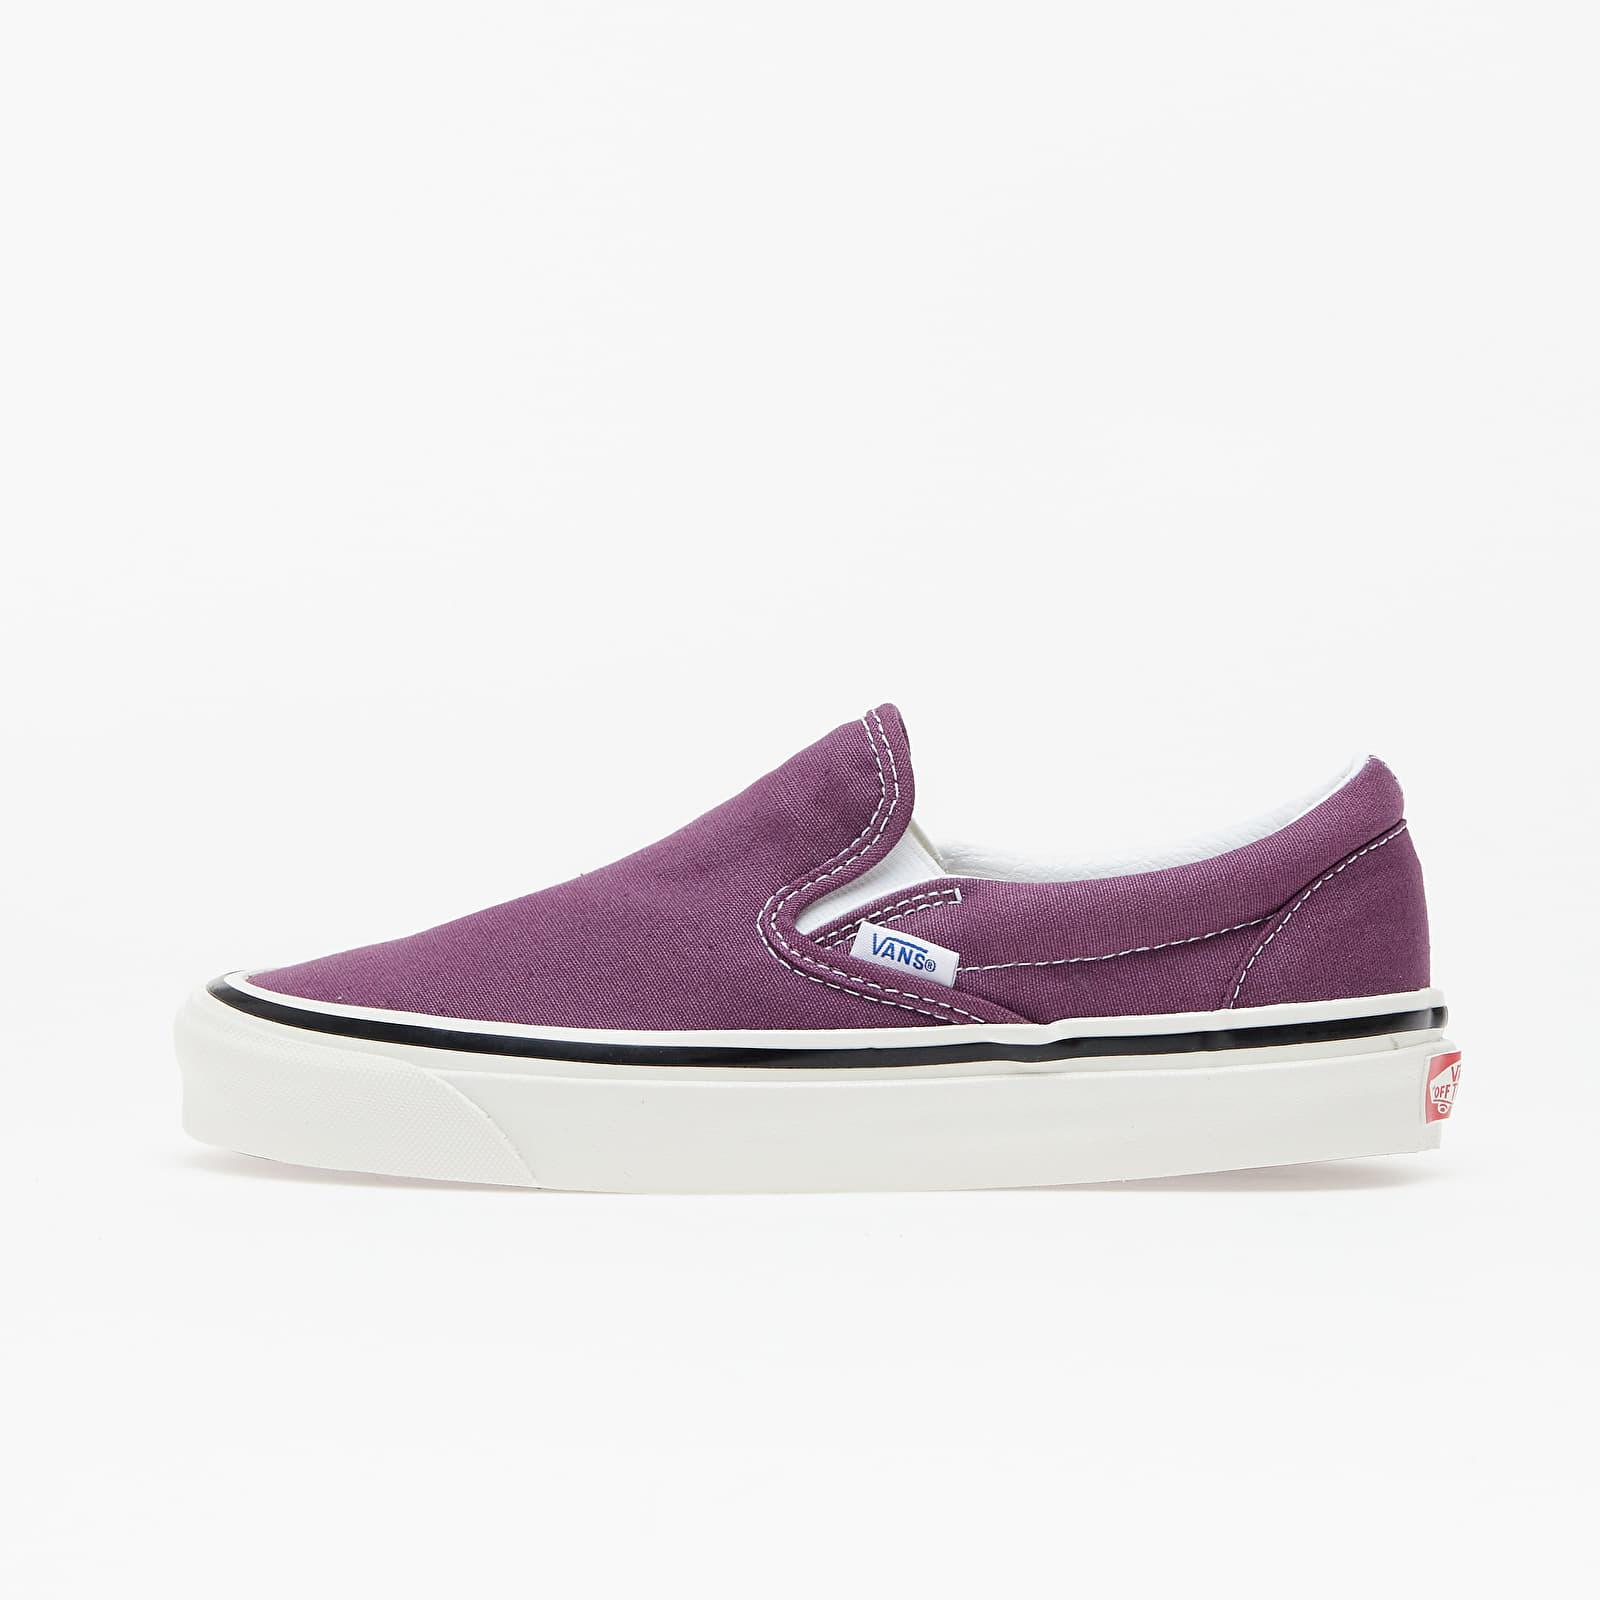 Vans Classic Slip-On 9 OG Grape | Footshop